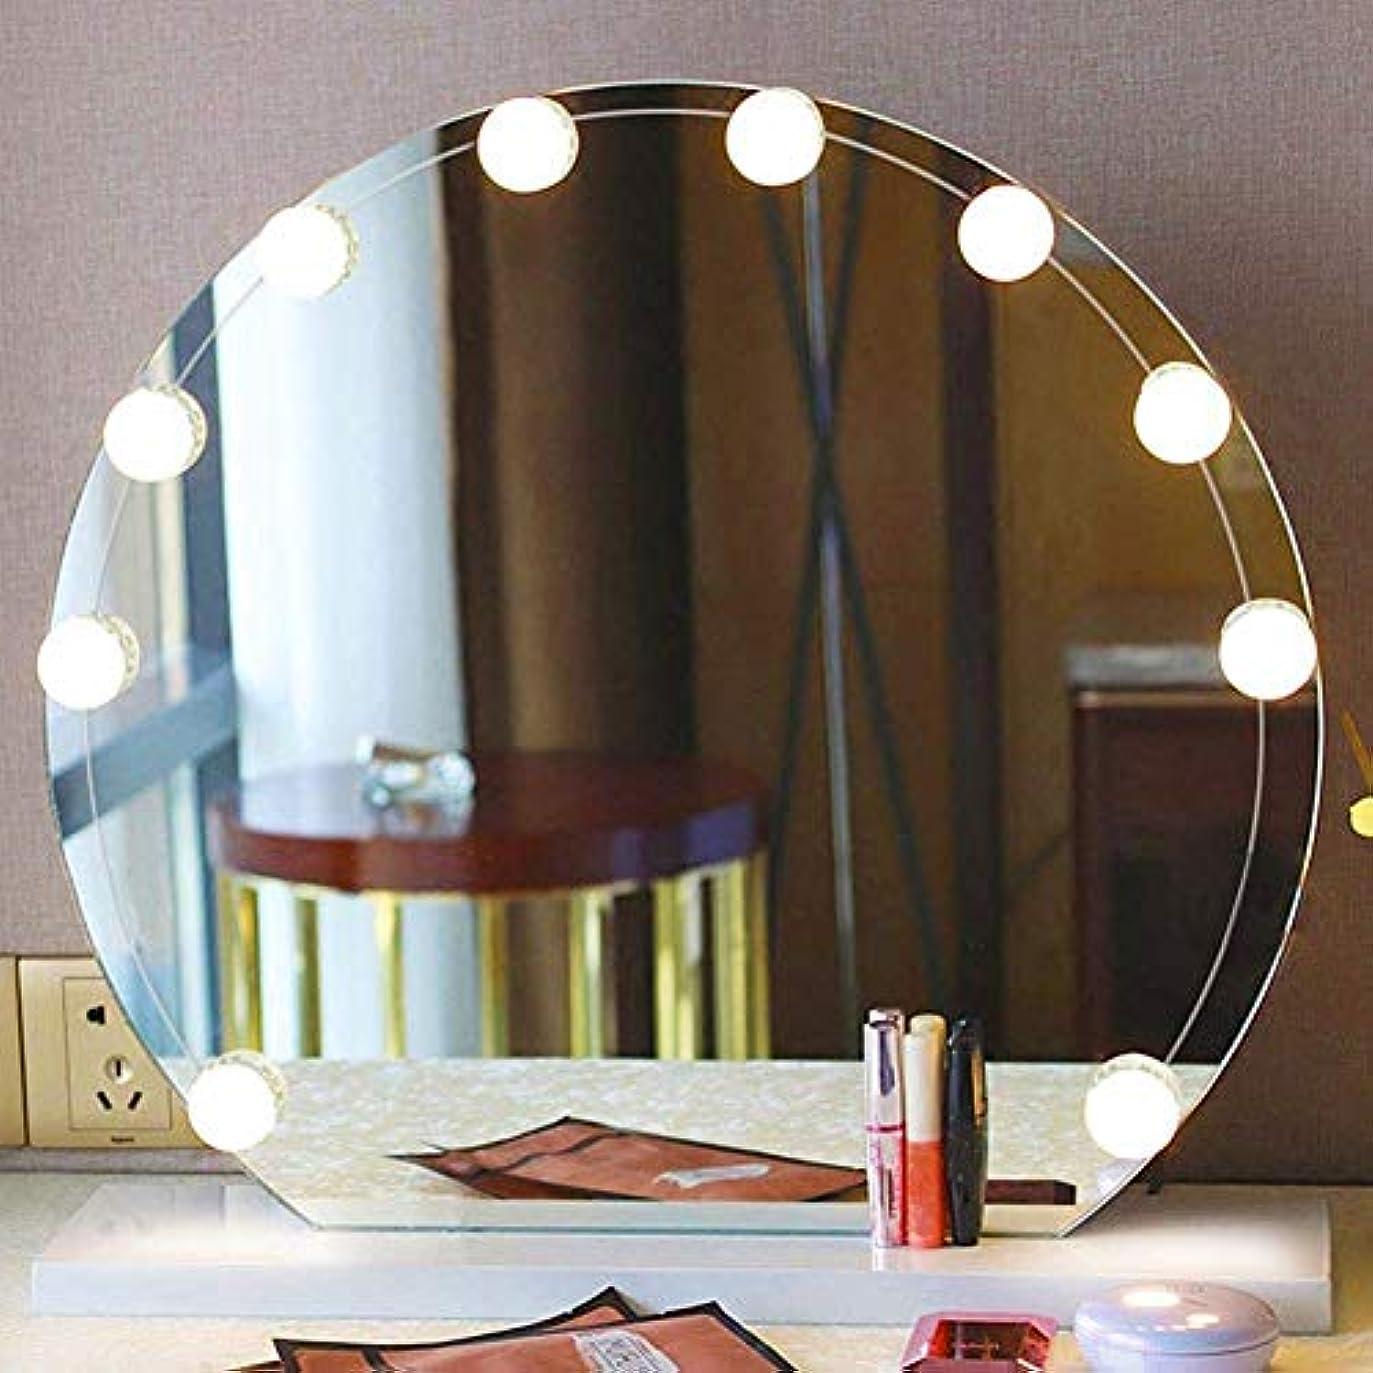 ブレス投げる誰もtiktok 女優ミラーライト 10個LED電球 USB給電 調光可能 ひもの長さも調整でき 化粧鏡ライト 10W 省エネ 取り付け便利 化粧台 美容室などに適用